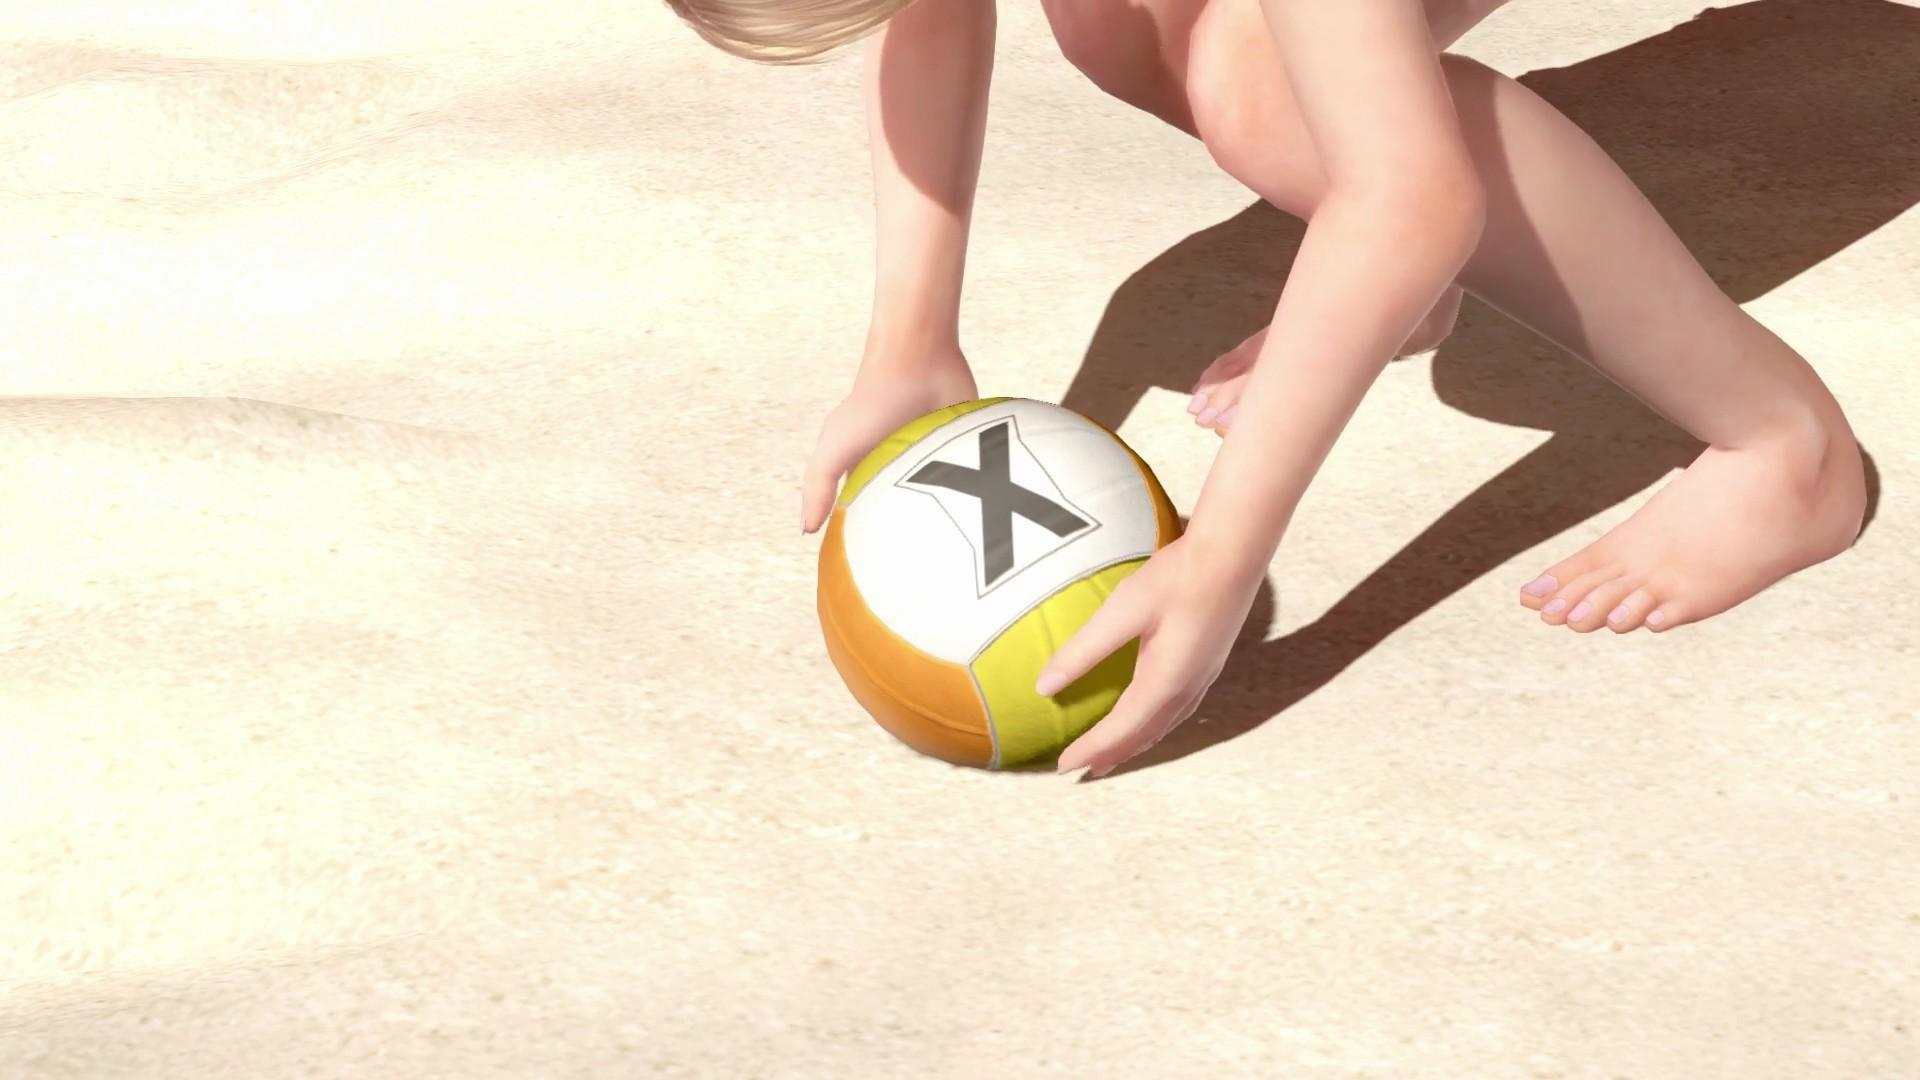 《沙滩排球》将推出页游